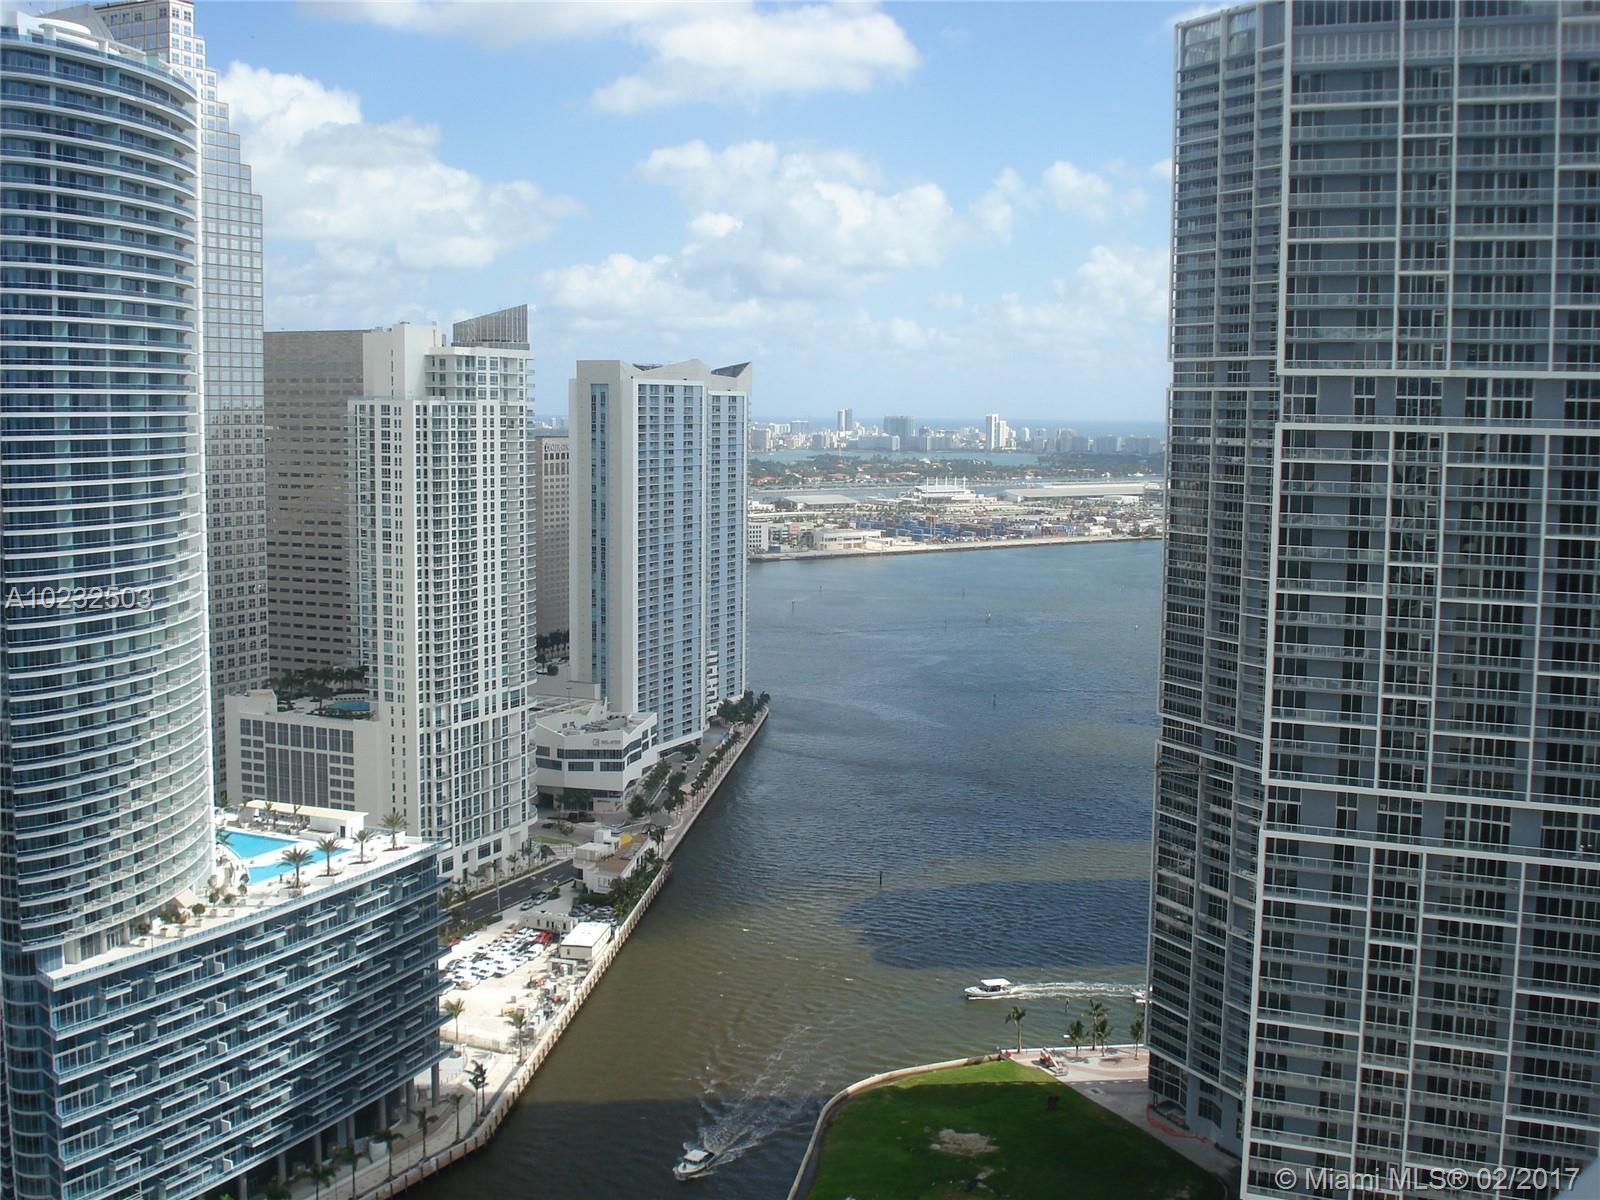 55 SE 6th St #4203, Miami, FL 33131 - Miami, FL real estate listing